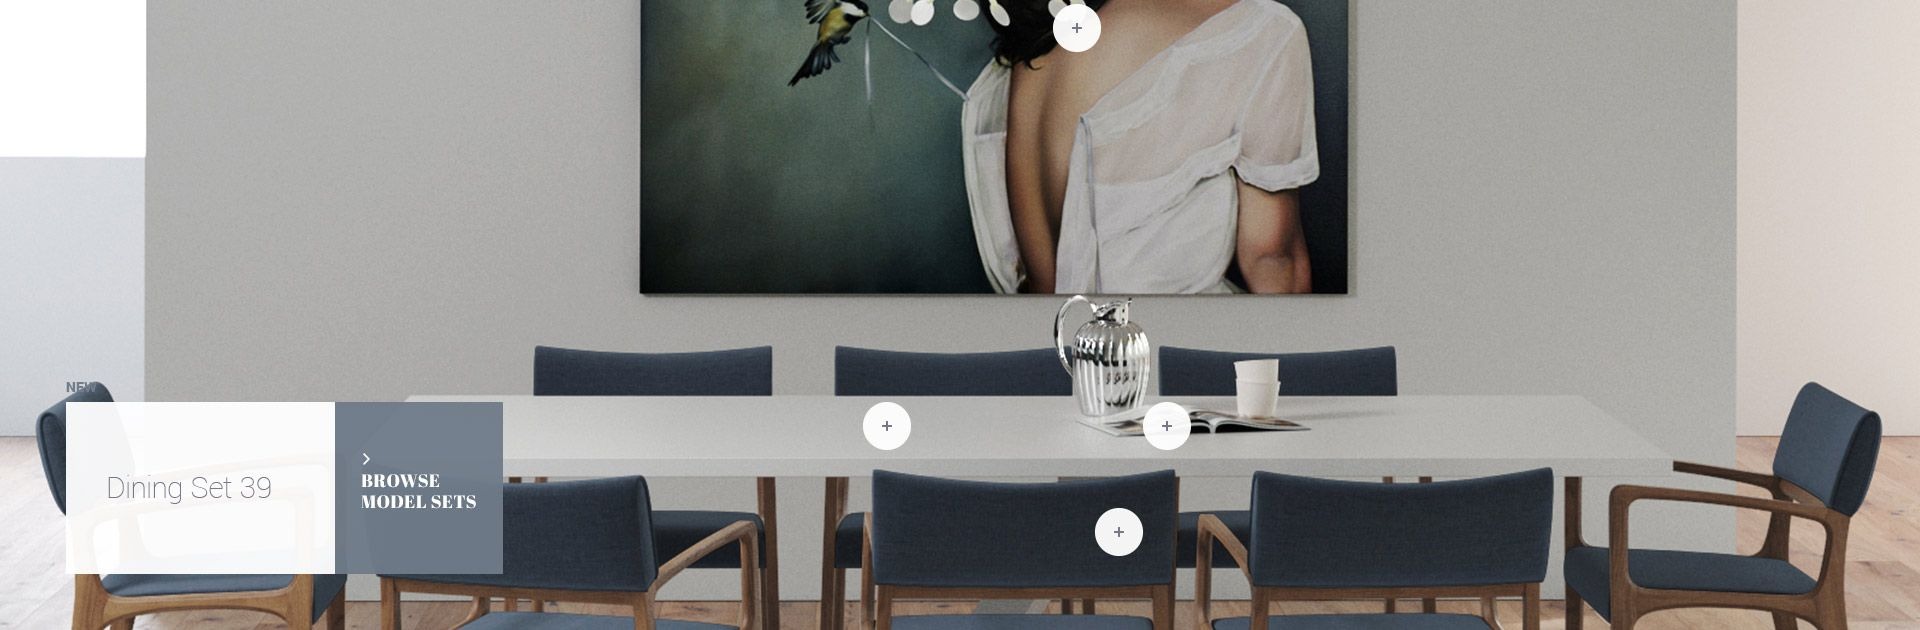 Furniture Design Royalty Rates design connected: 3d models of furniture for interior design